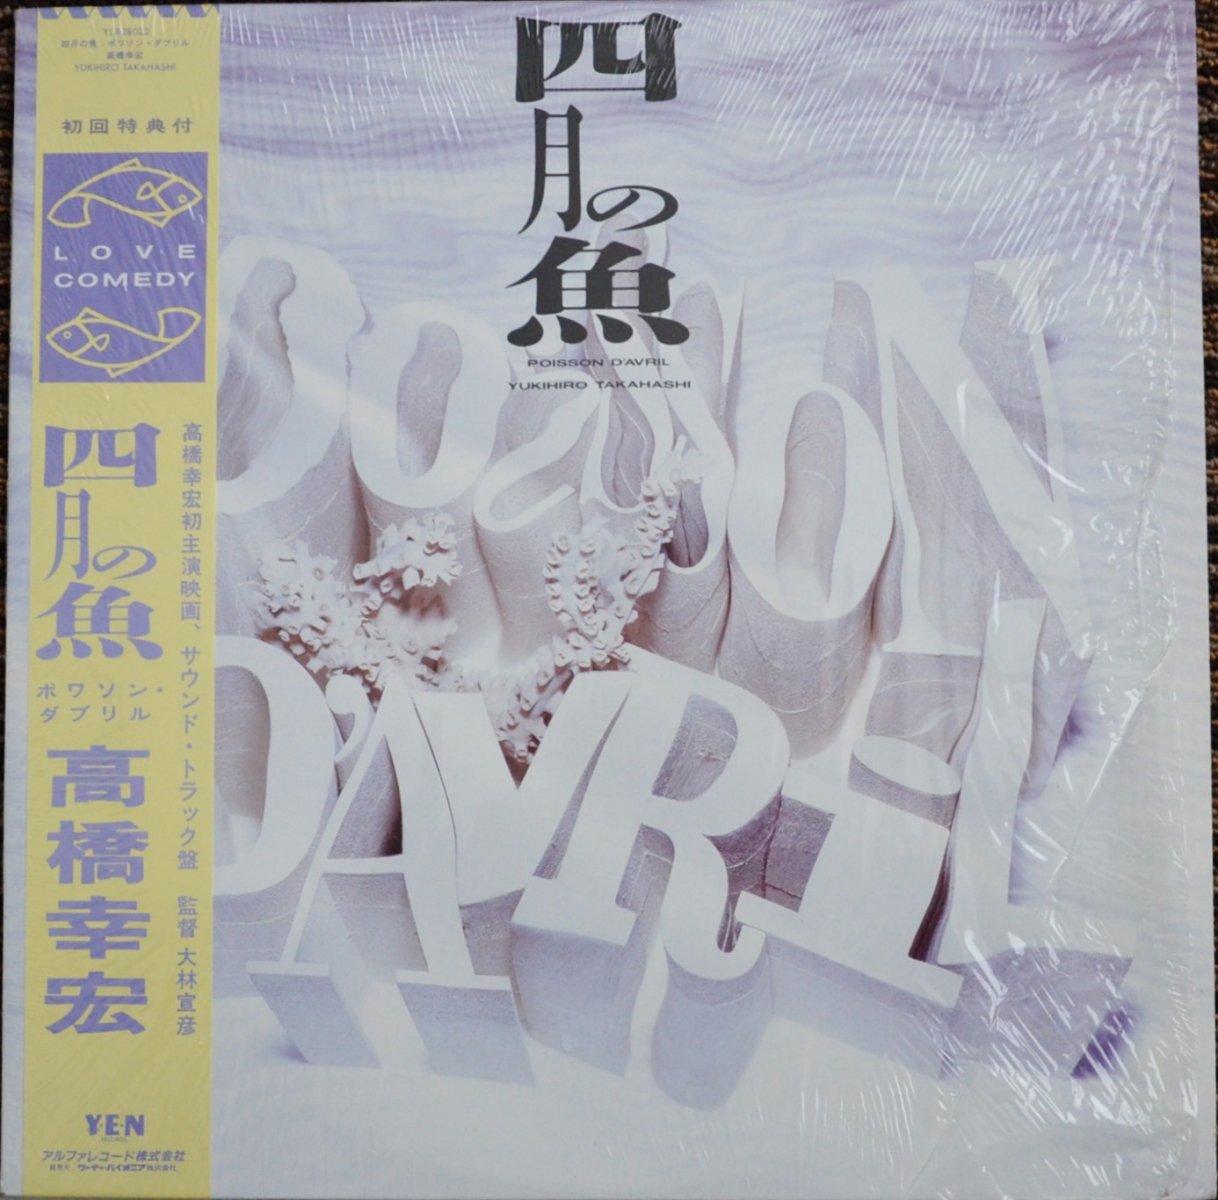 高橋ユキヒロ (高橋幸宏) YUKIHIRO TAKAHASHI / 四月の魚 = POISSON D'AVRIL (LP)